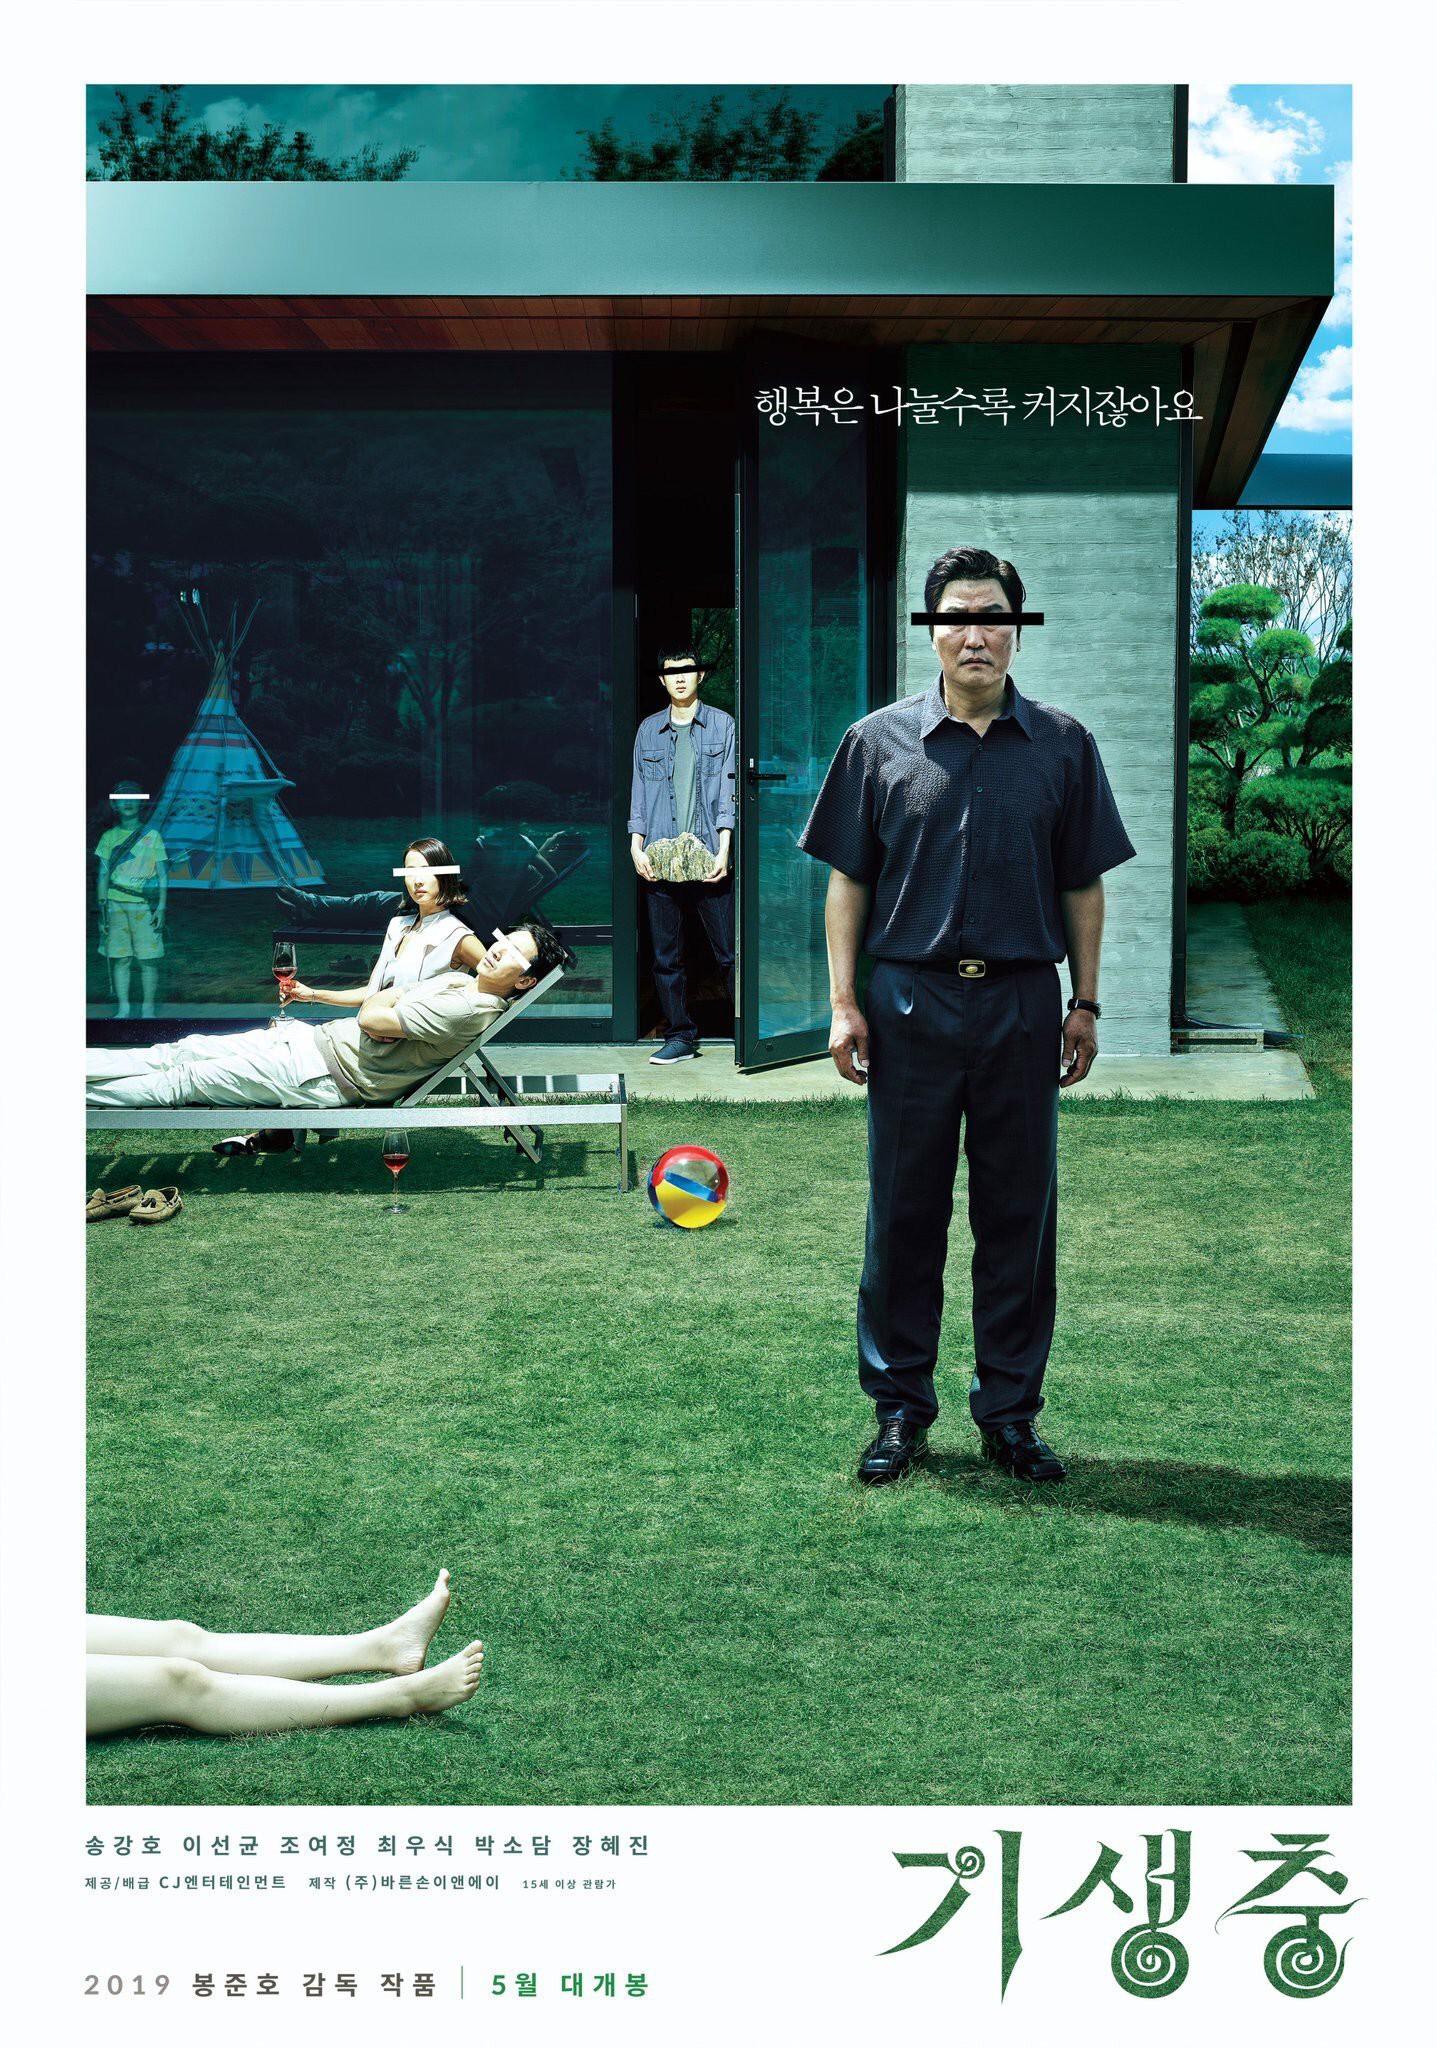 Mê điện ảnh Hàn, ghét hài nhảm, thích combo phim nghệ thuật khuyến mãi thêm trào phúng thì xem ngay Parasite! - Ảnh 1.